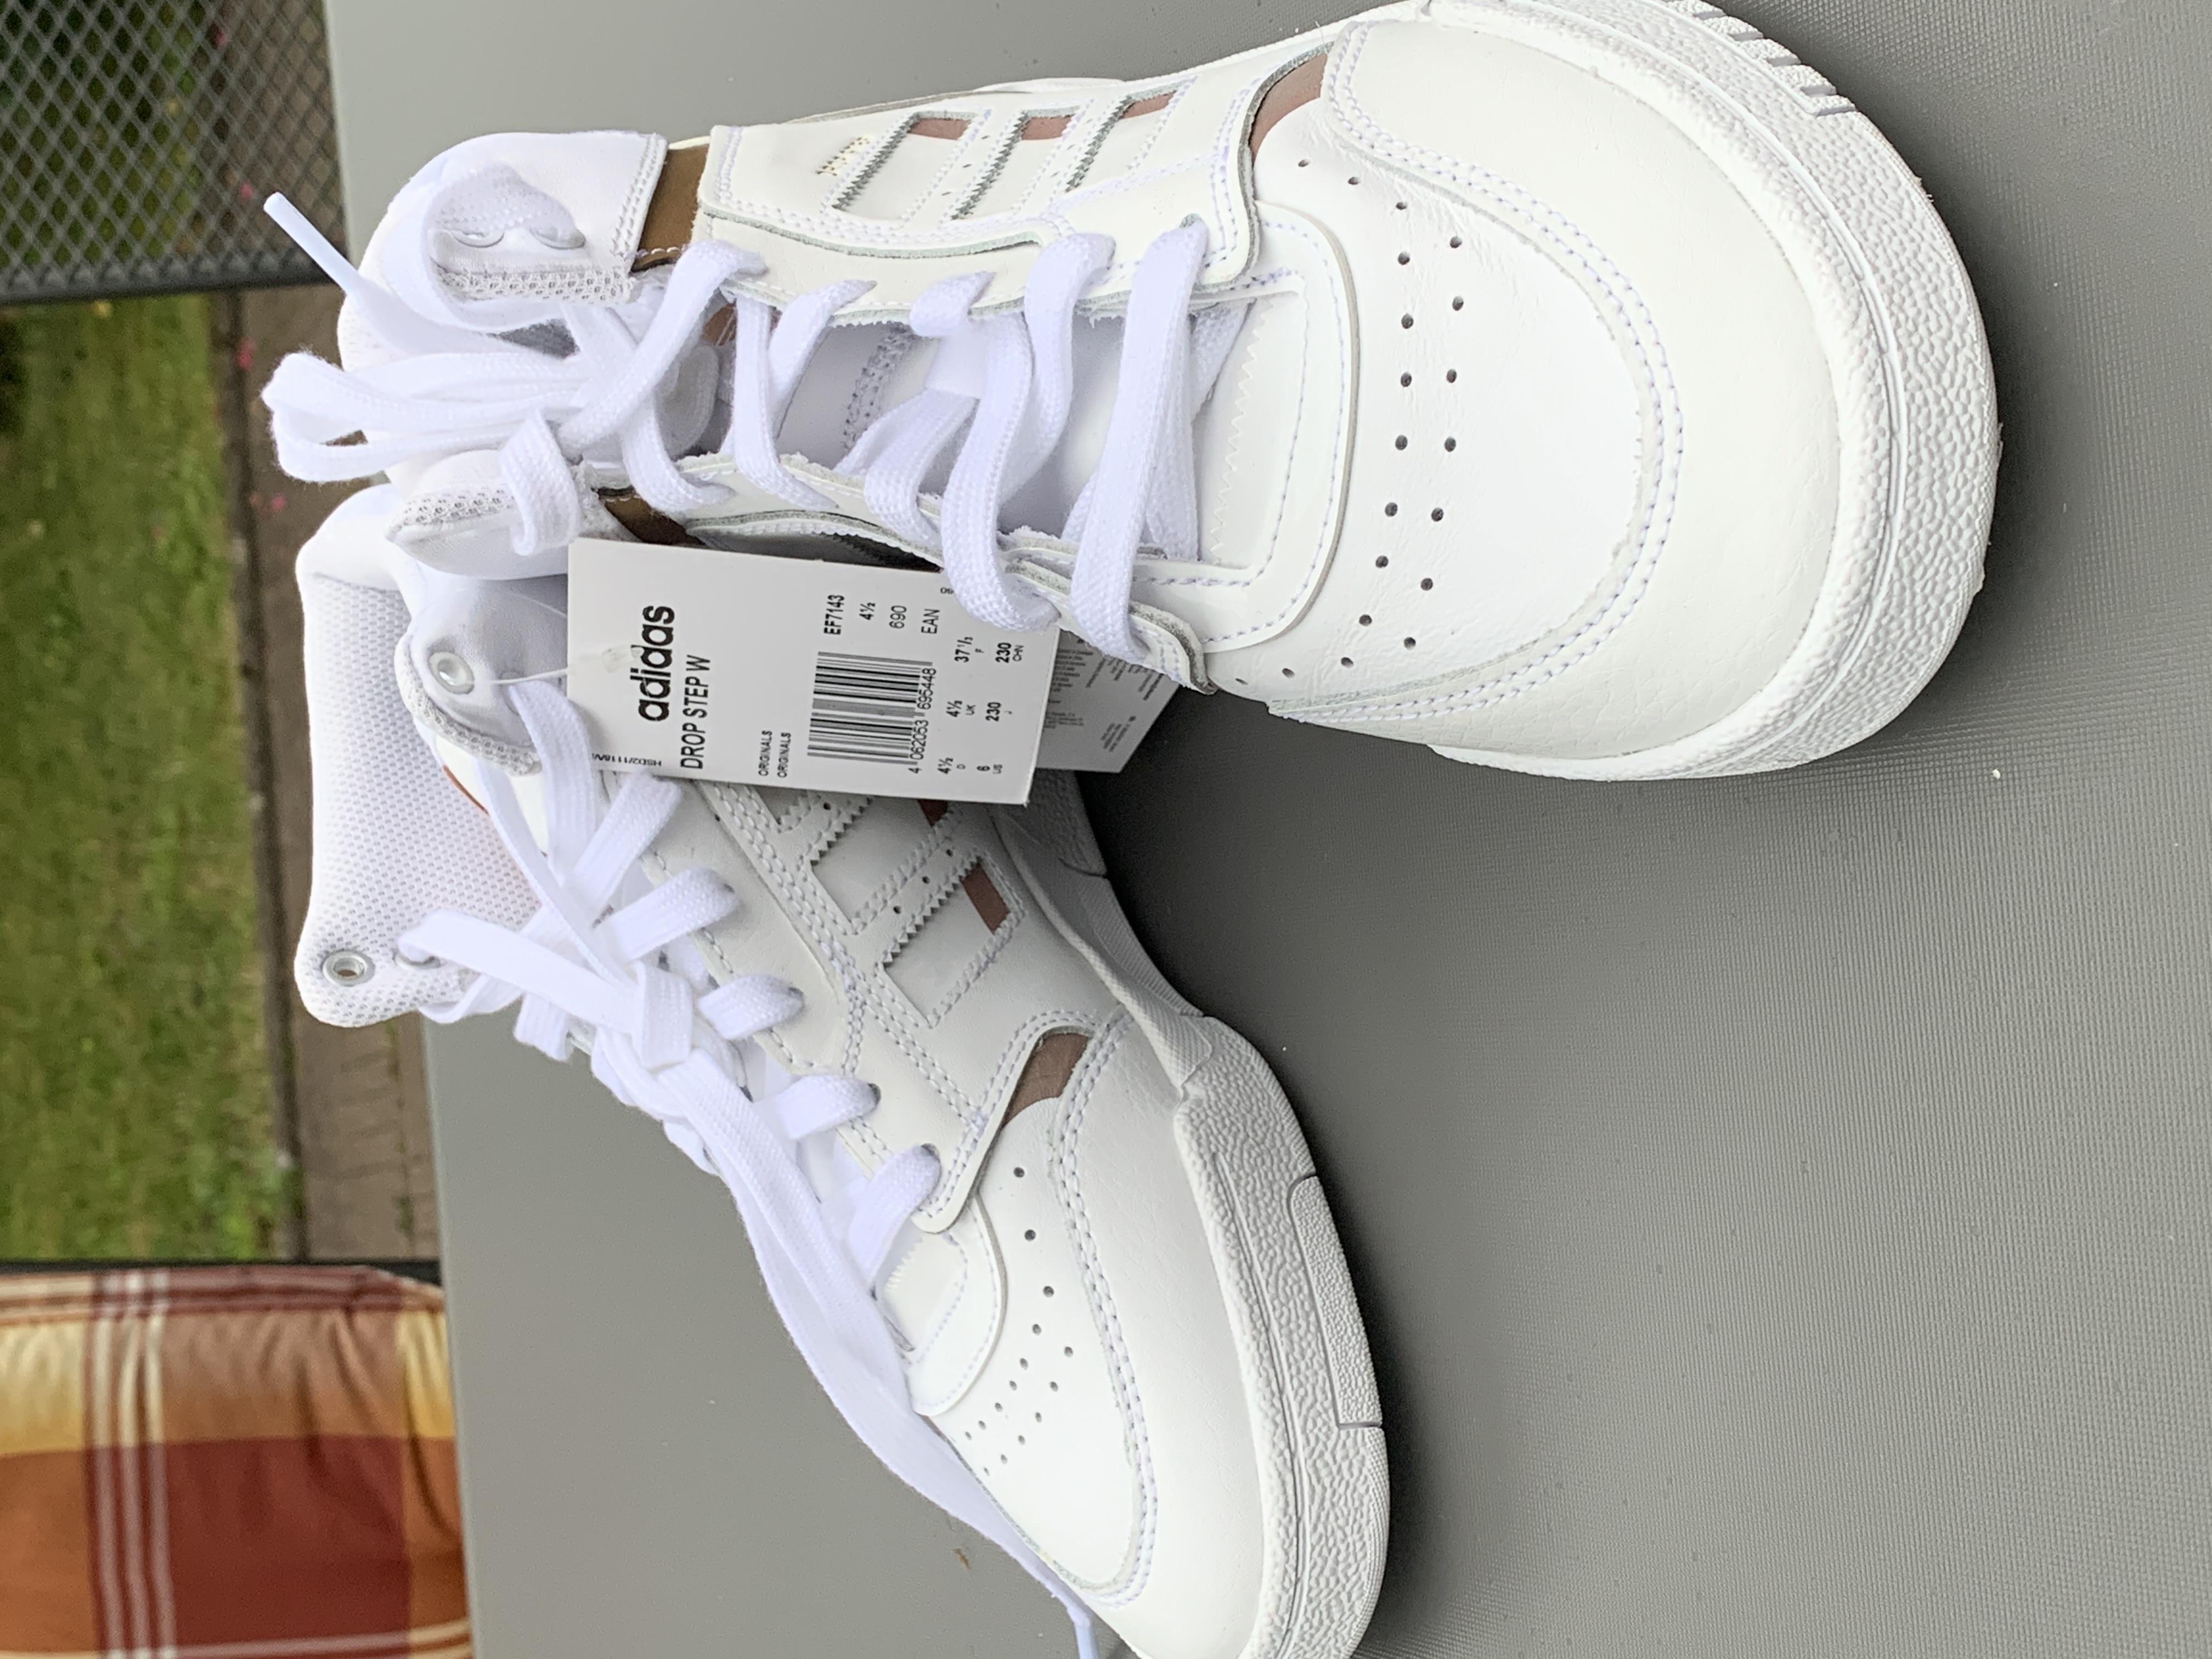 Bild Nummer 3 von Adidas